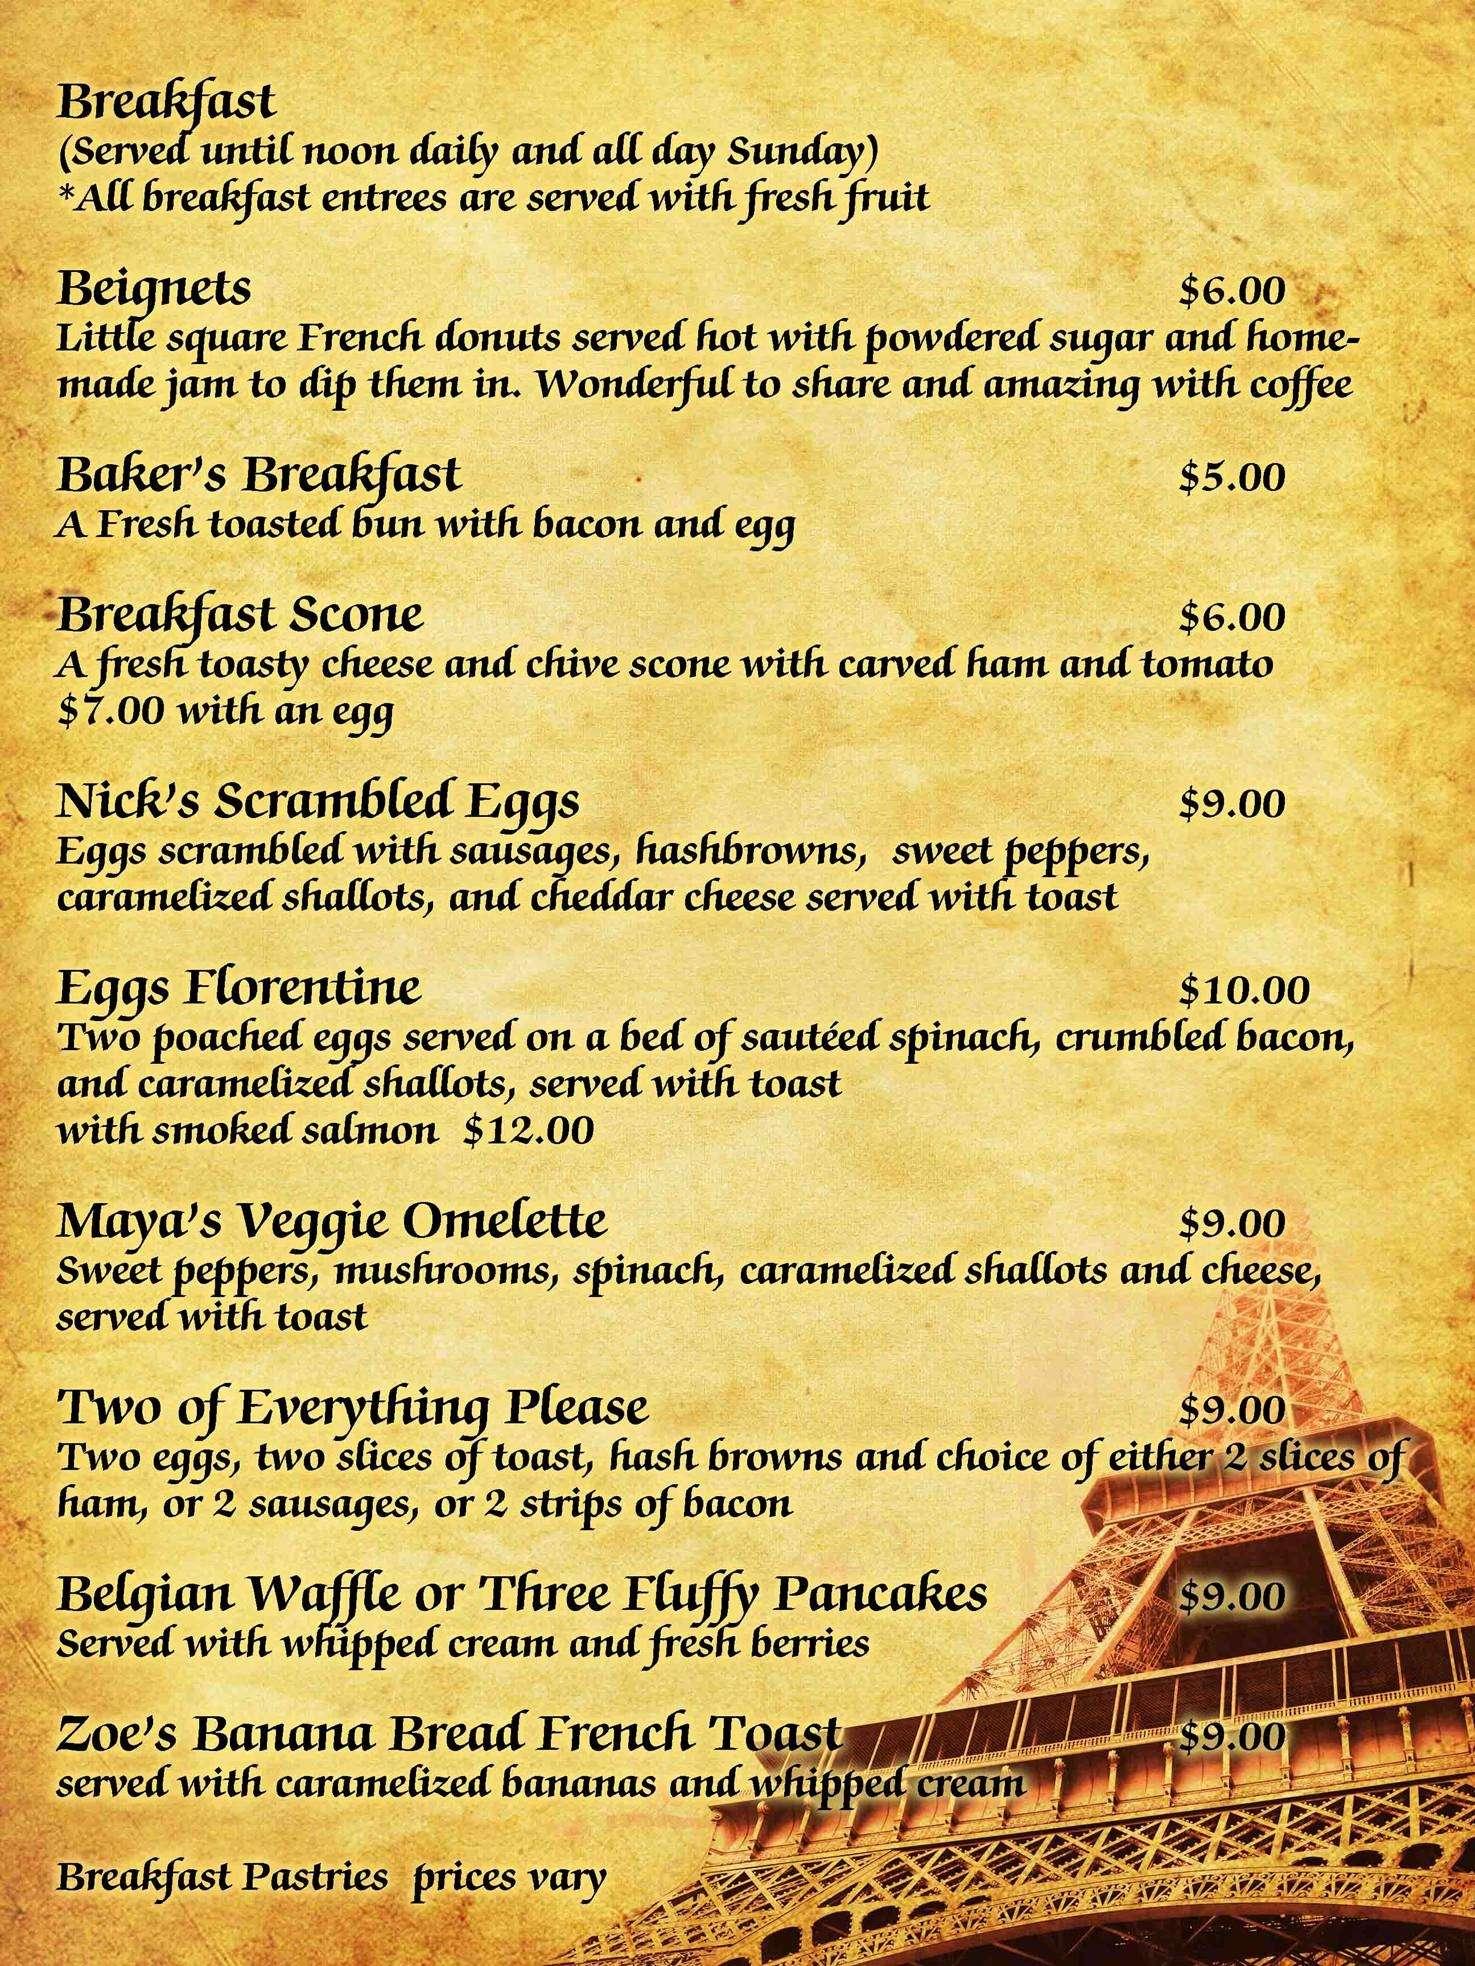 patisserie du soleil menu, menu for patisserie du soleil, woodbine